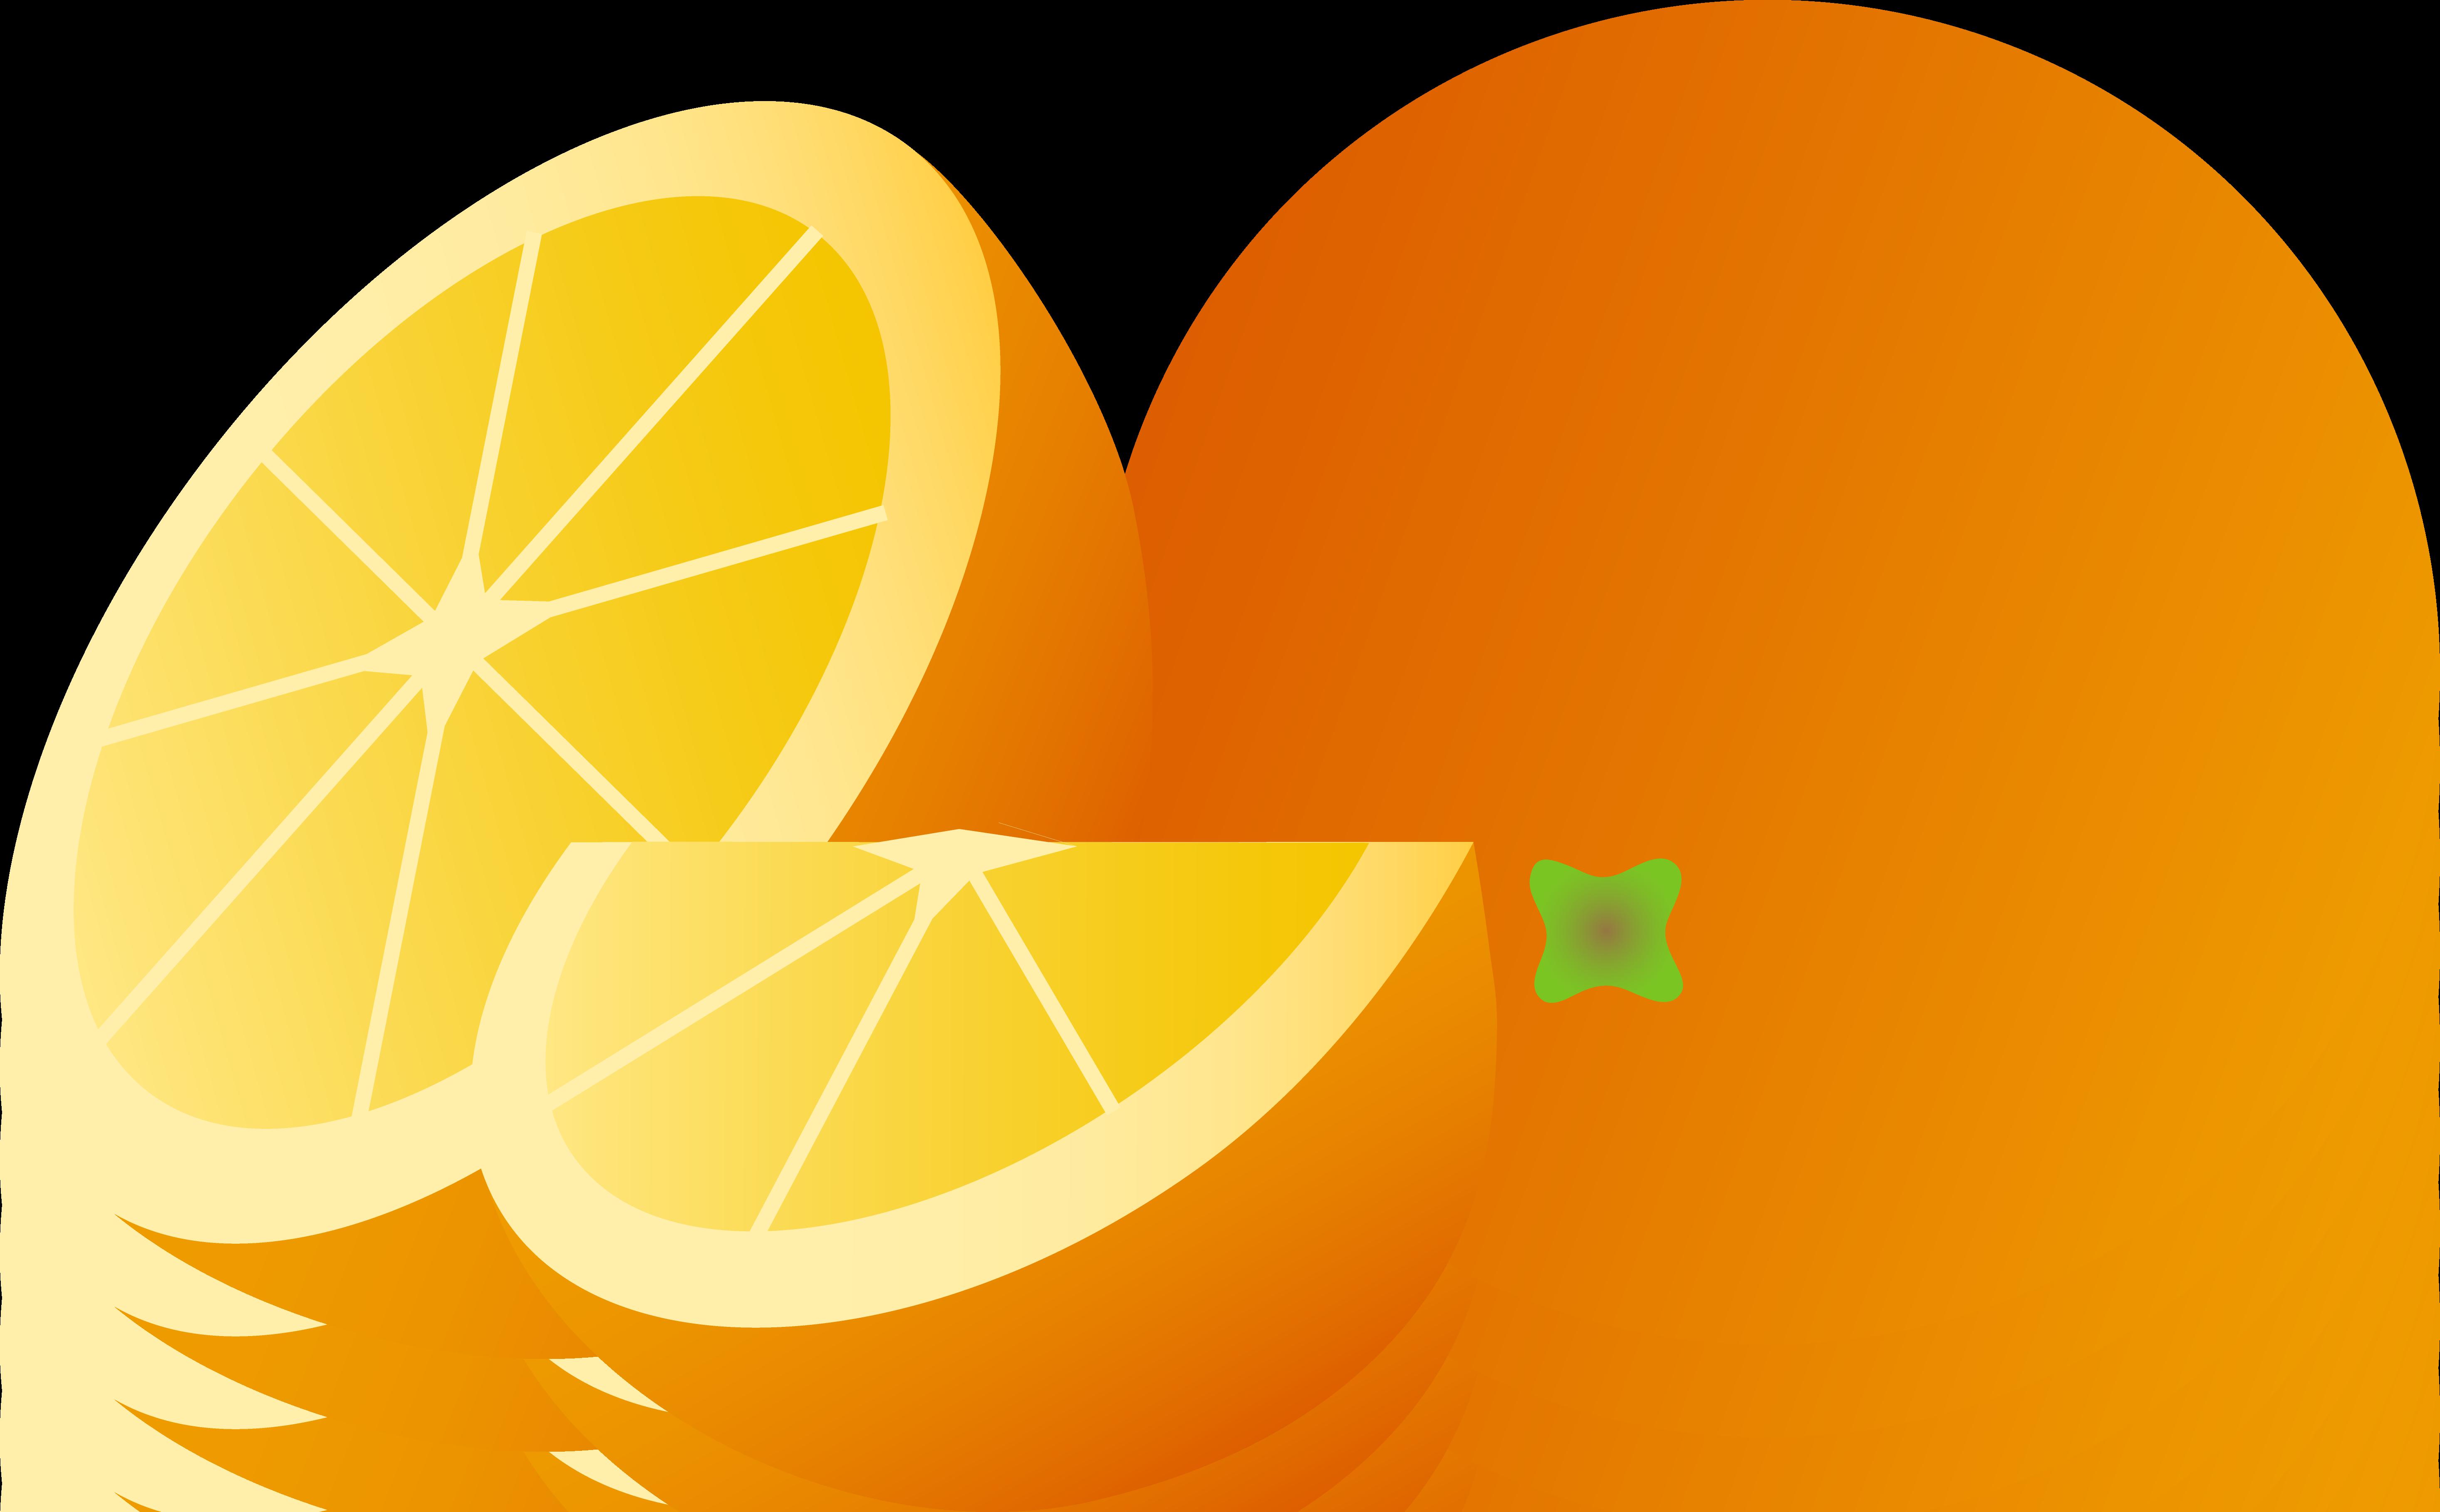 Png image purepng free. Orange clipart orange fruit